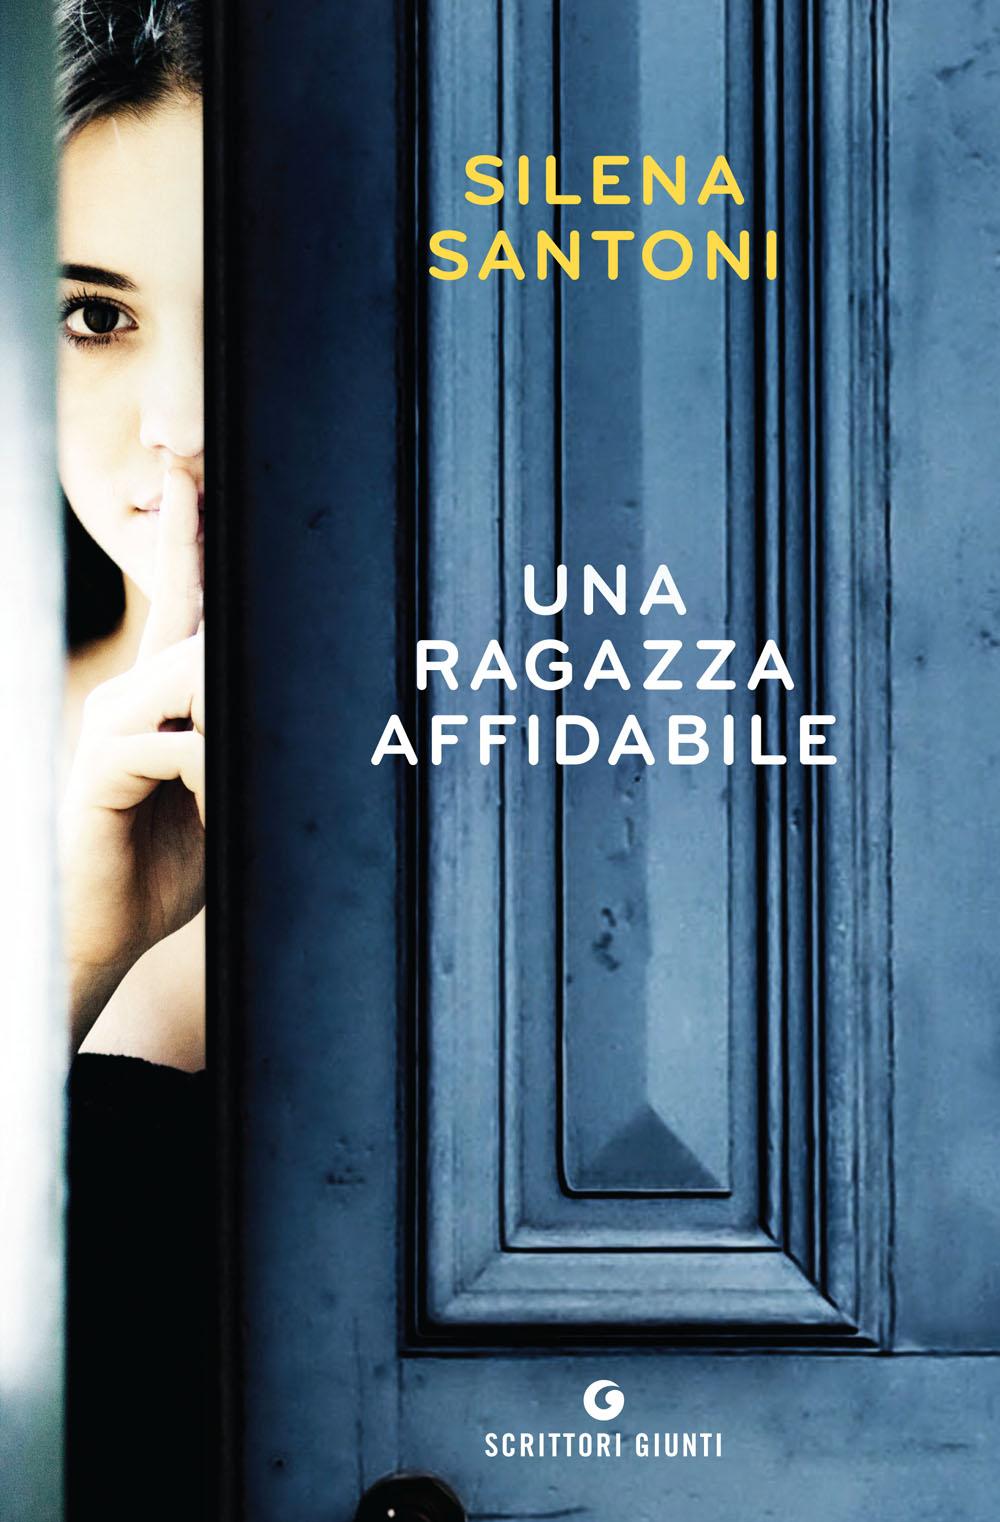 Silena Santoni